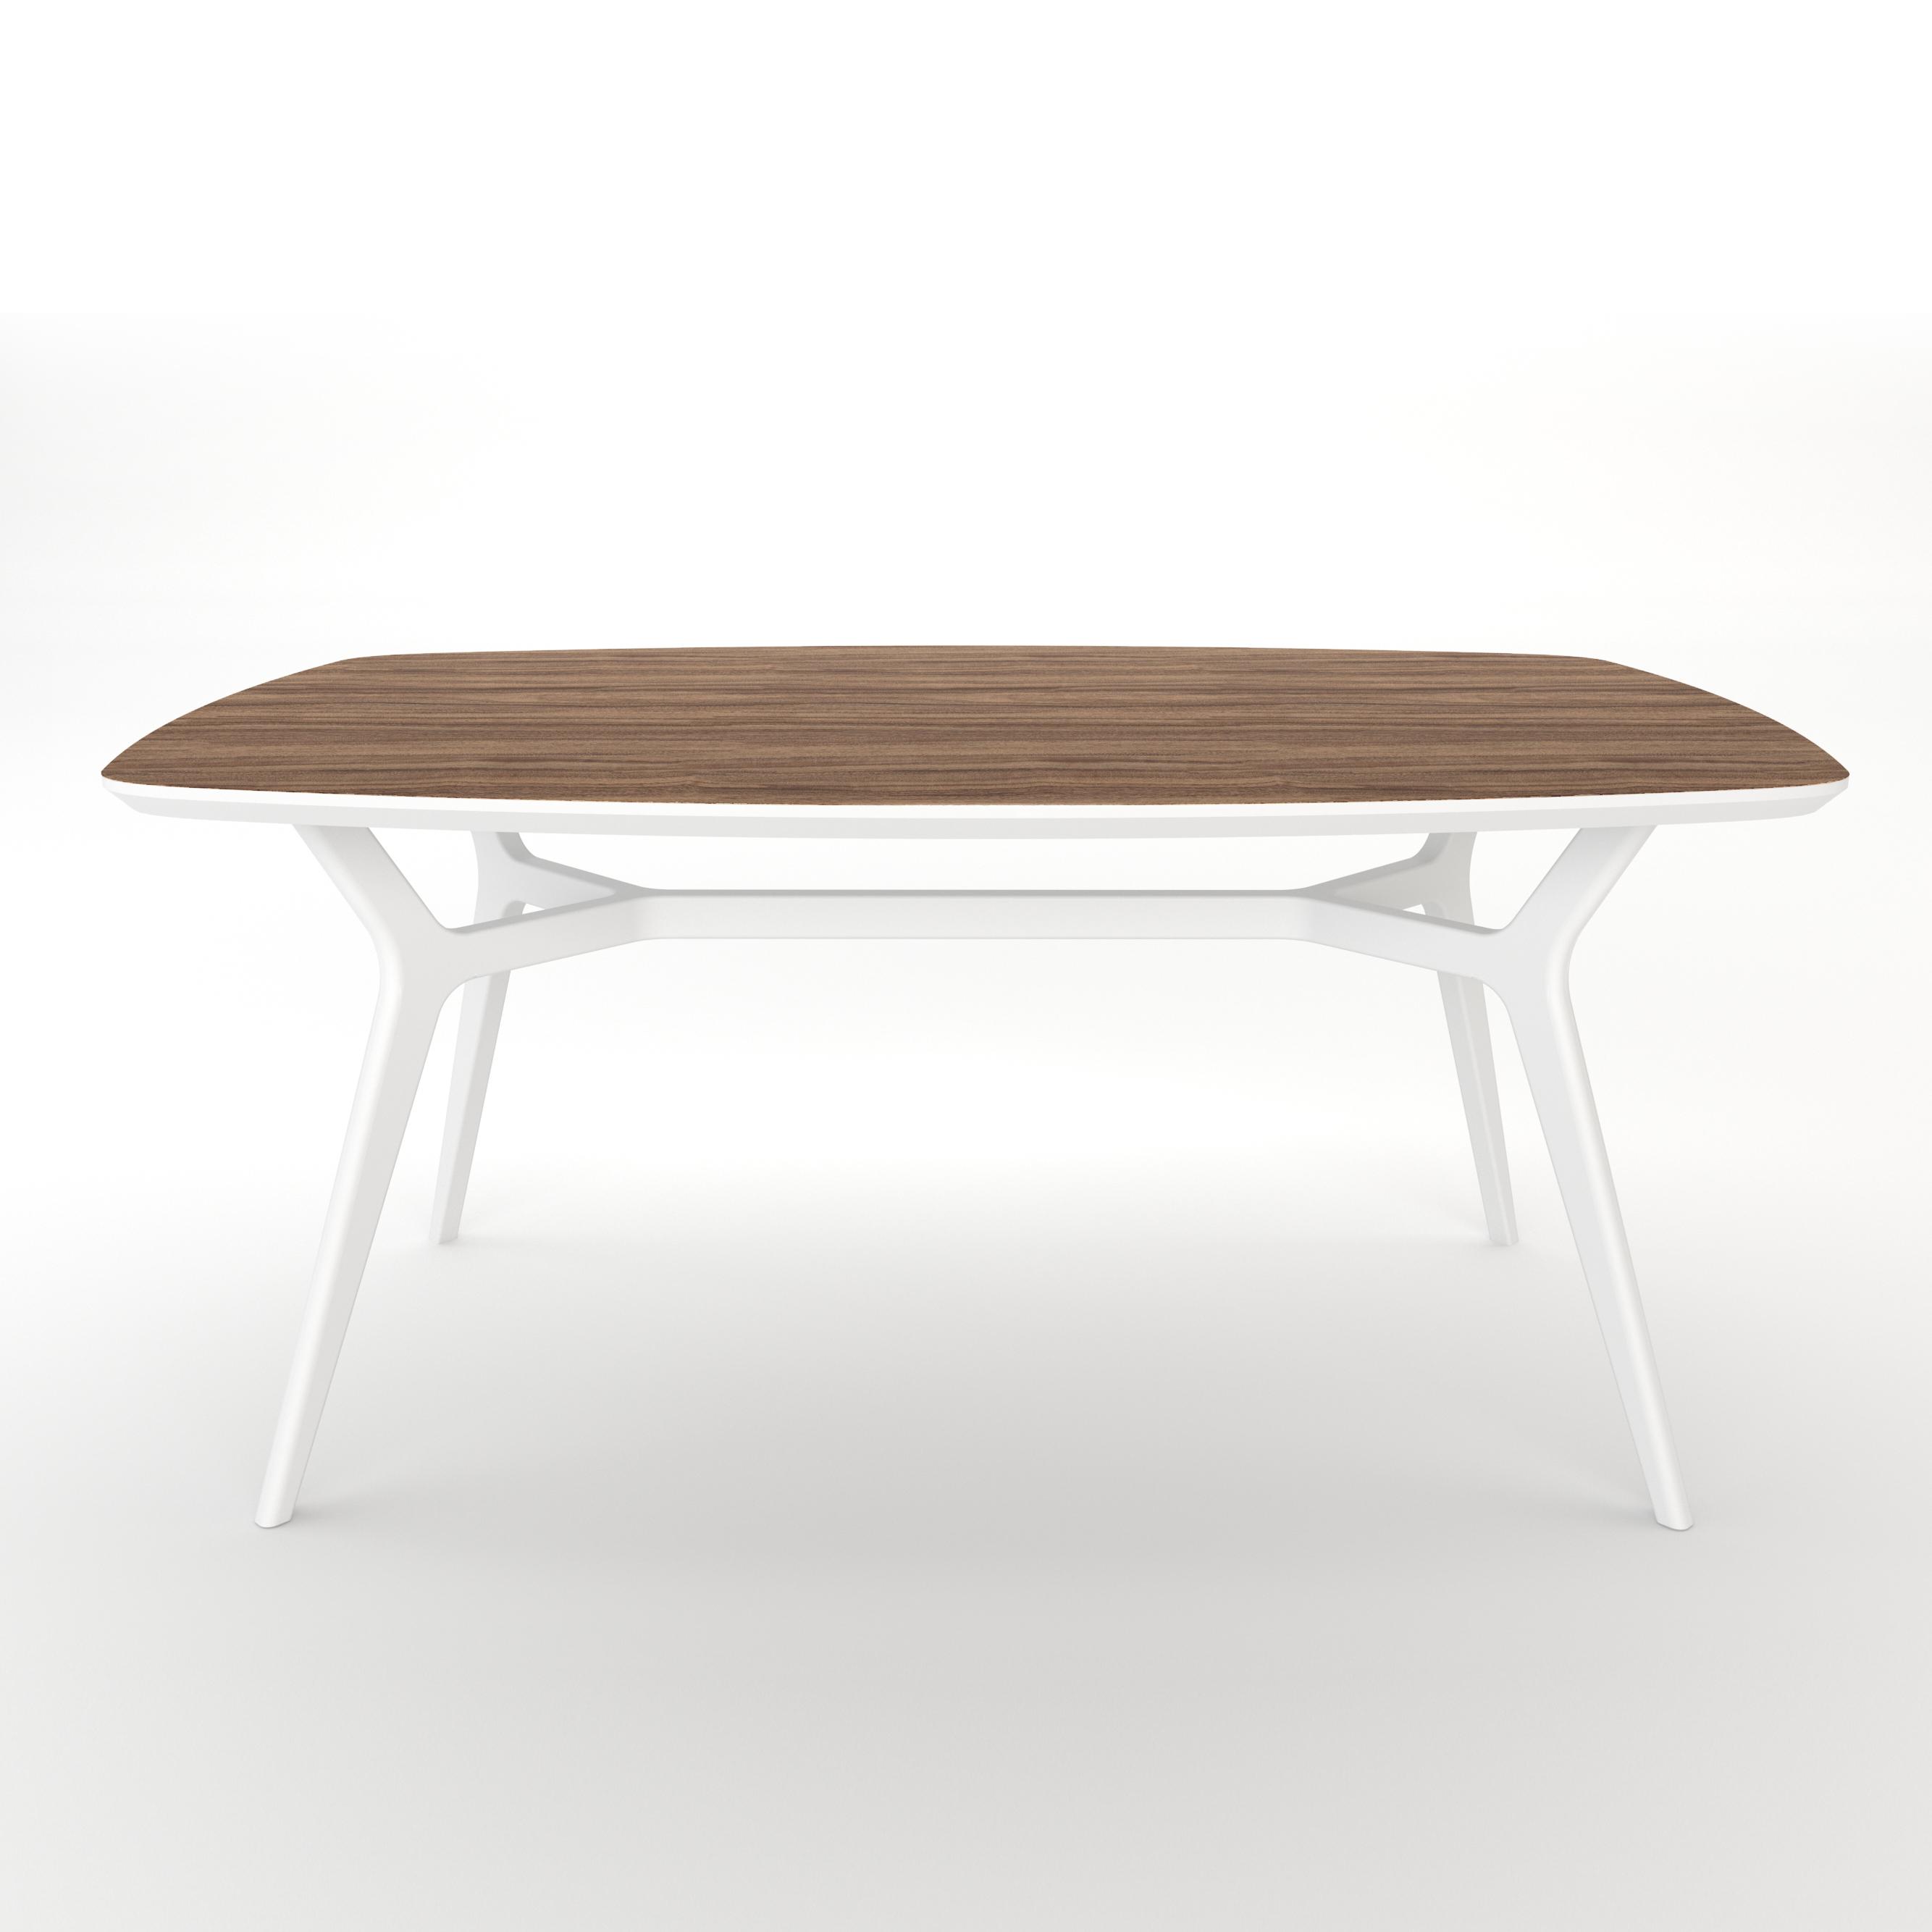 Стол JohannОбеденные столы<br>Тщательная проработка деталей и пропорций стола позволяет ему идеально вписаться в любой интерьер .&amp;lt;div&amp;gt;&amp;lt;br&amp;gt;&amp;lt;/div&amp;gt;&amp;lt;div&amp;gt;Отделка столешницы шпоном ореха, подстолье выкрашено в белый цвет. Сборка не требуется.&amp;lt;/div&amp;gt;<br><br>Material: МДФ<br>Ширина см: 160.0<br>Высота см: 75.0<br>Глубина см: 90.0